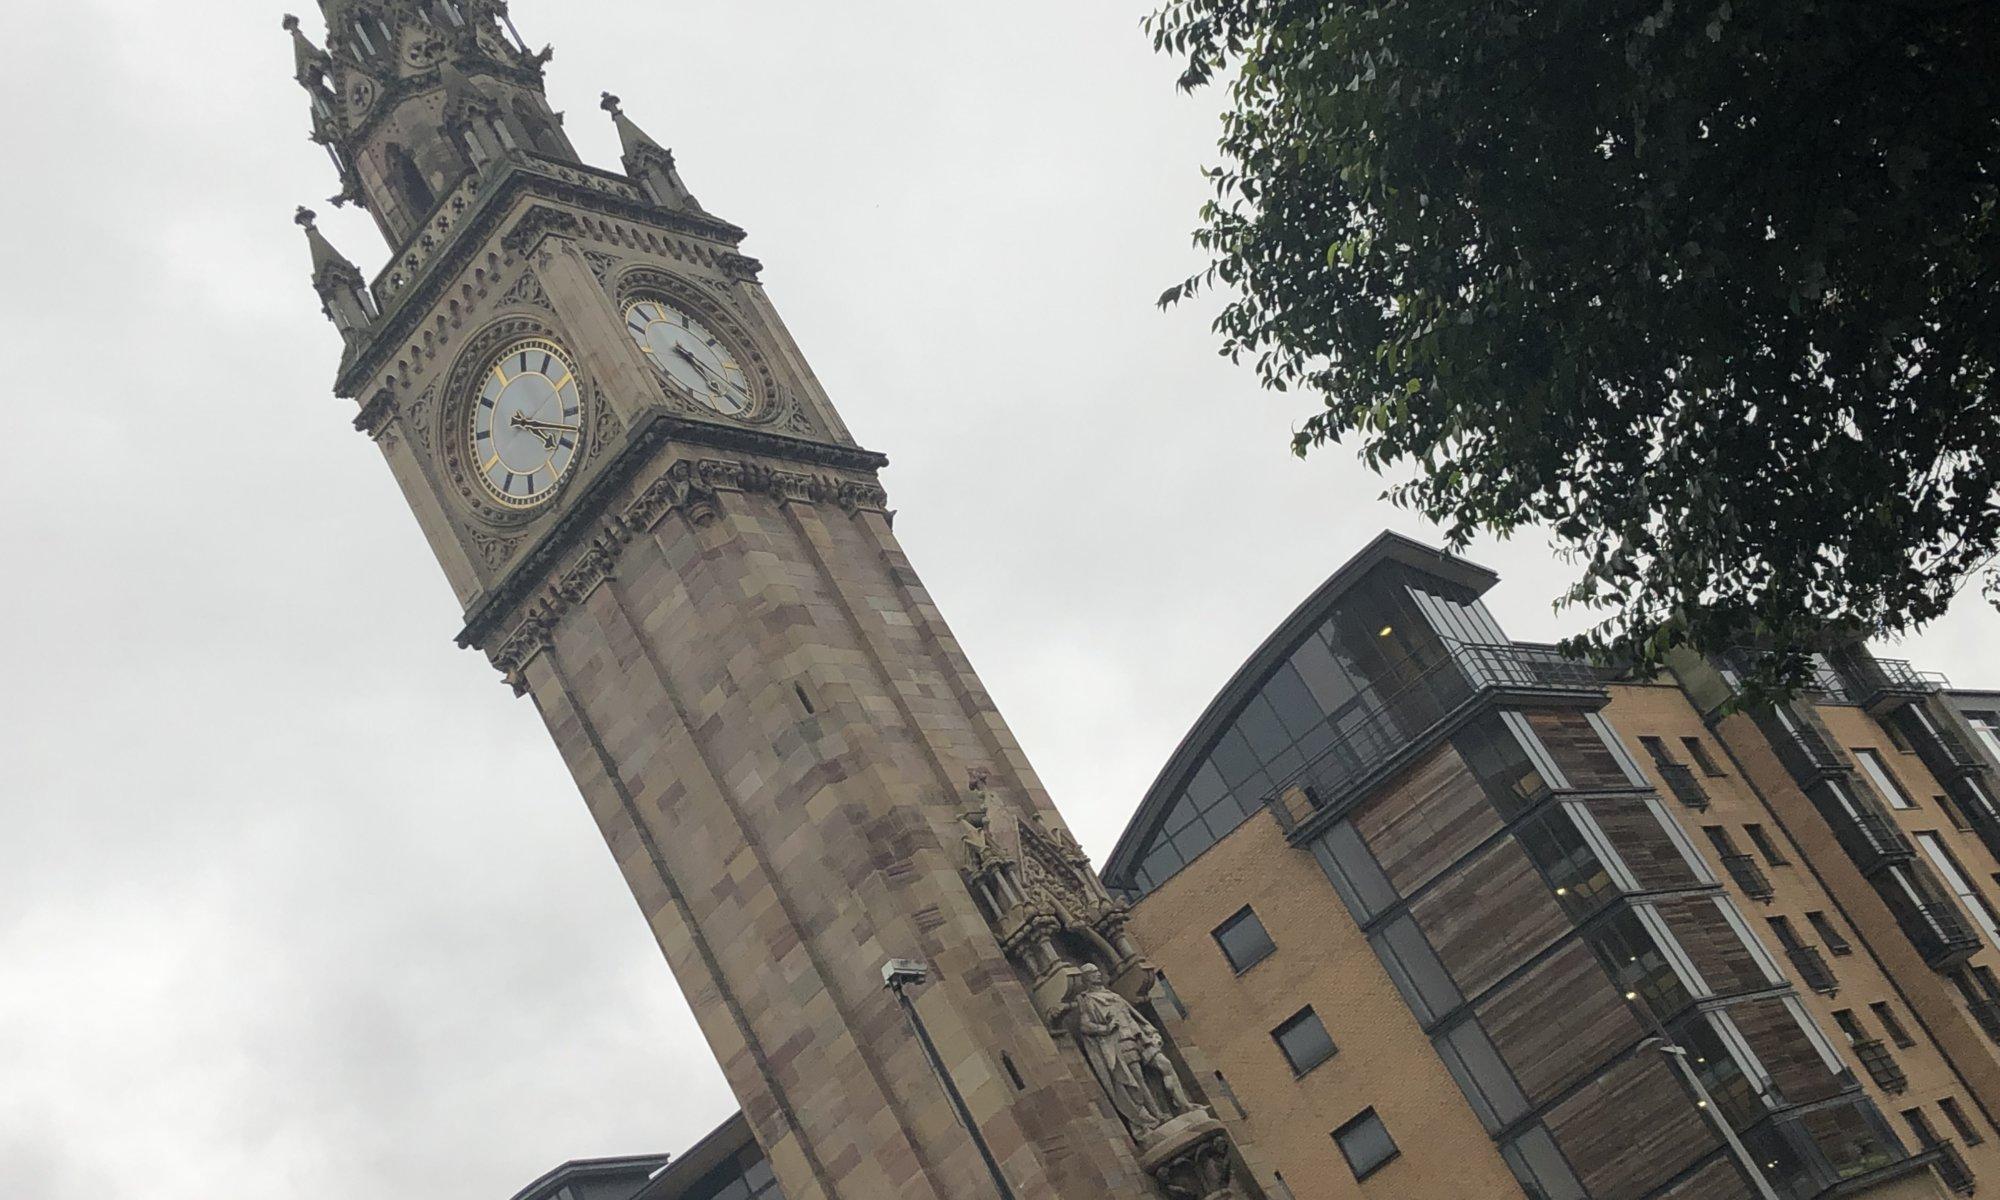 Albert memorial clock tower, Belfast